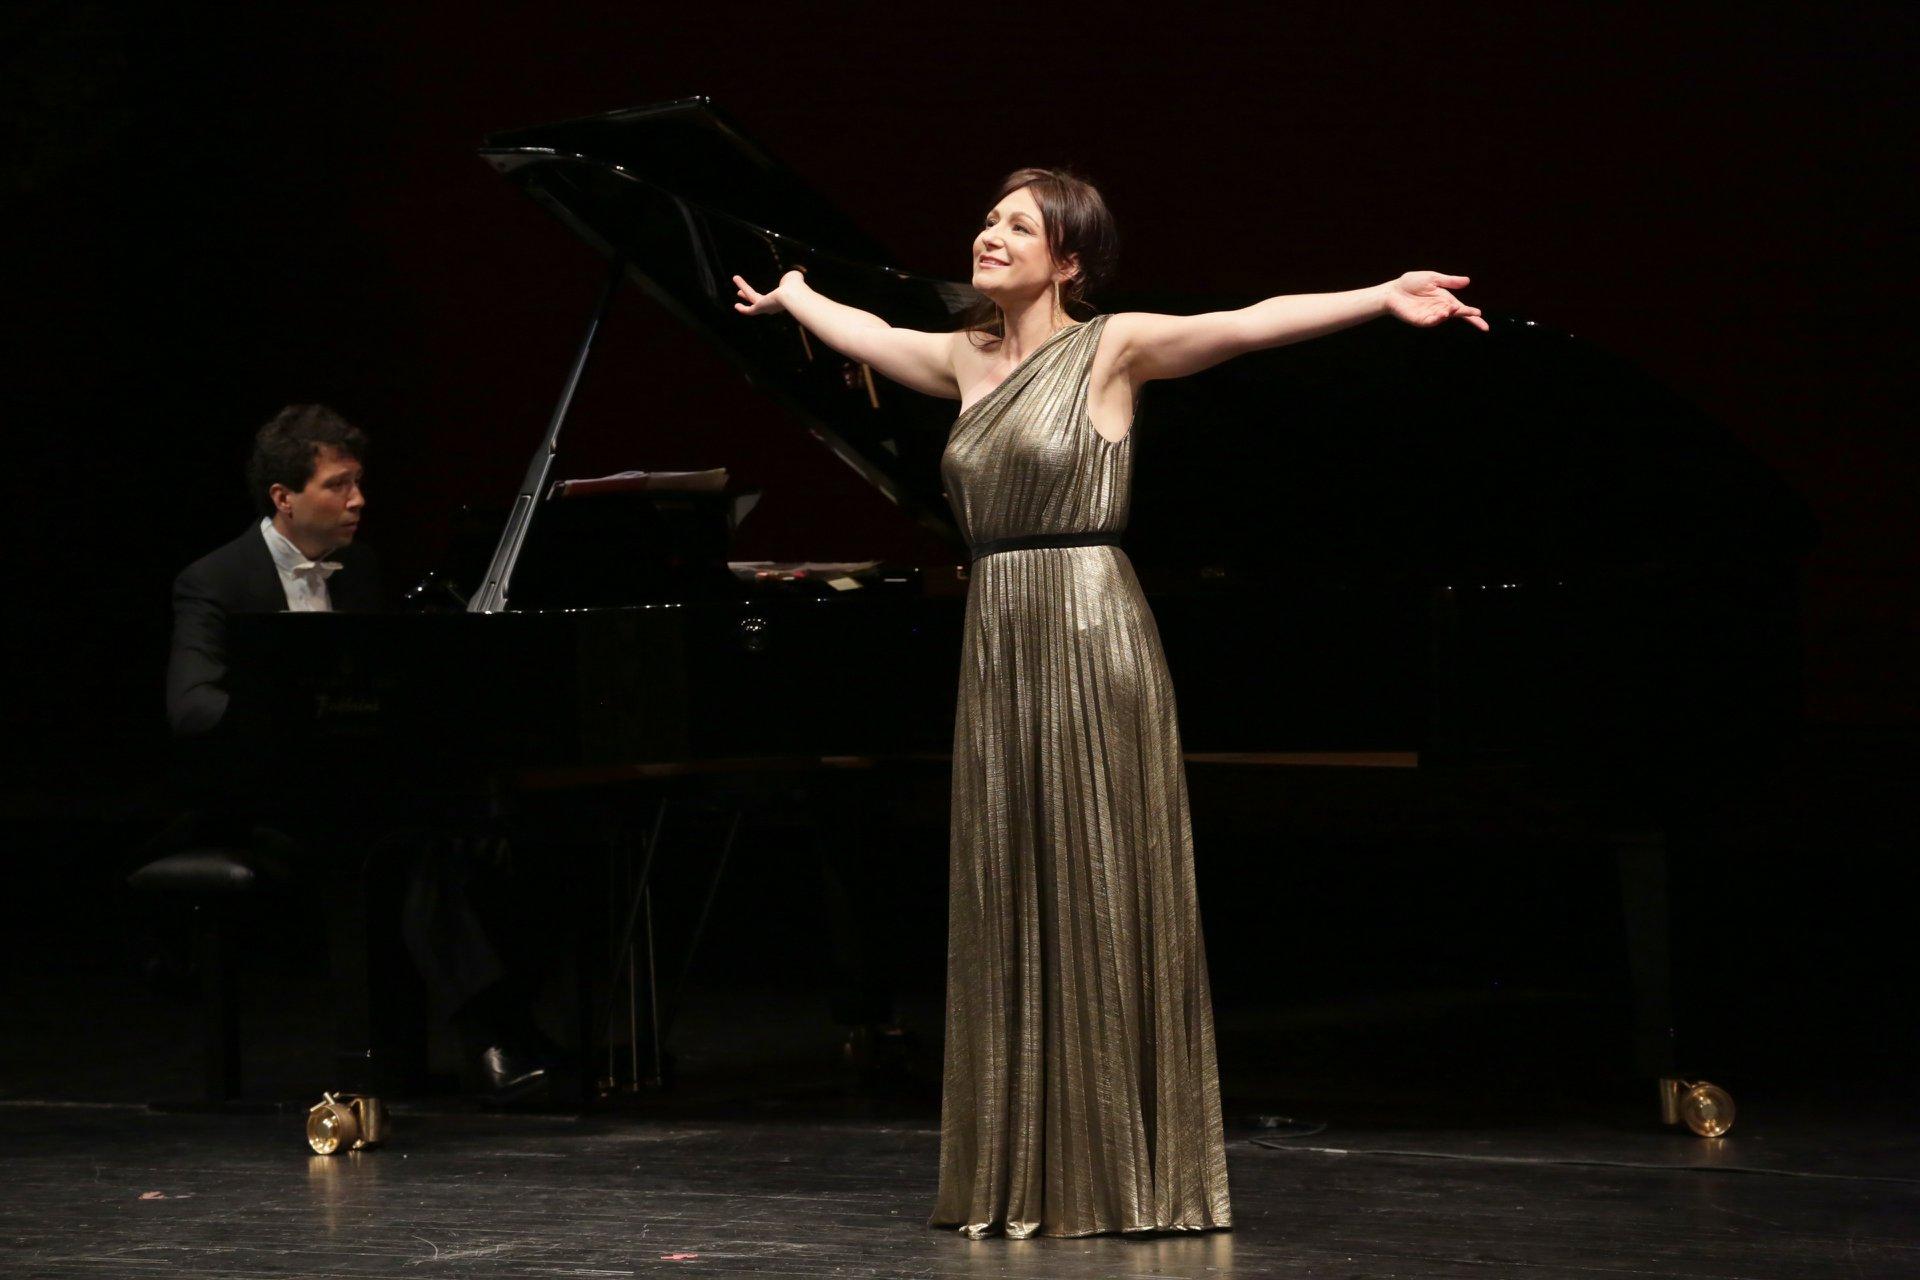 Irina Lungu e Michele Gamba - Foto dalla pagina Facebook del Teatro alla Scala